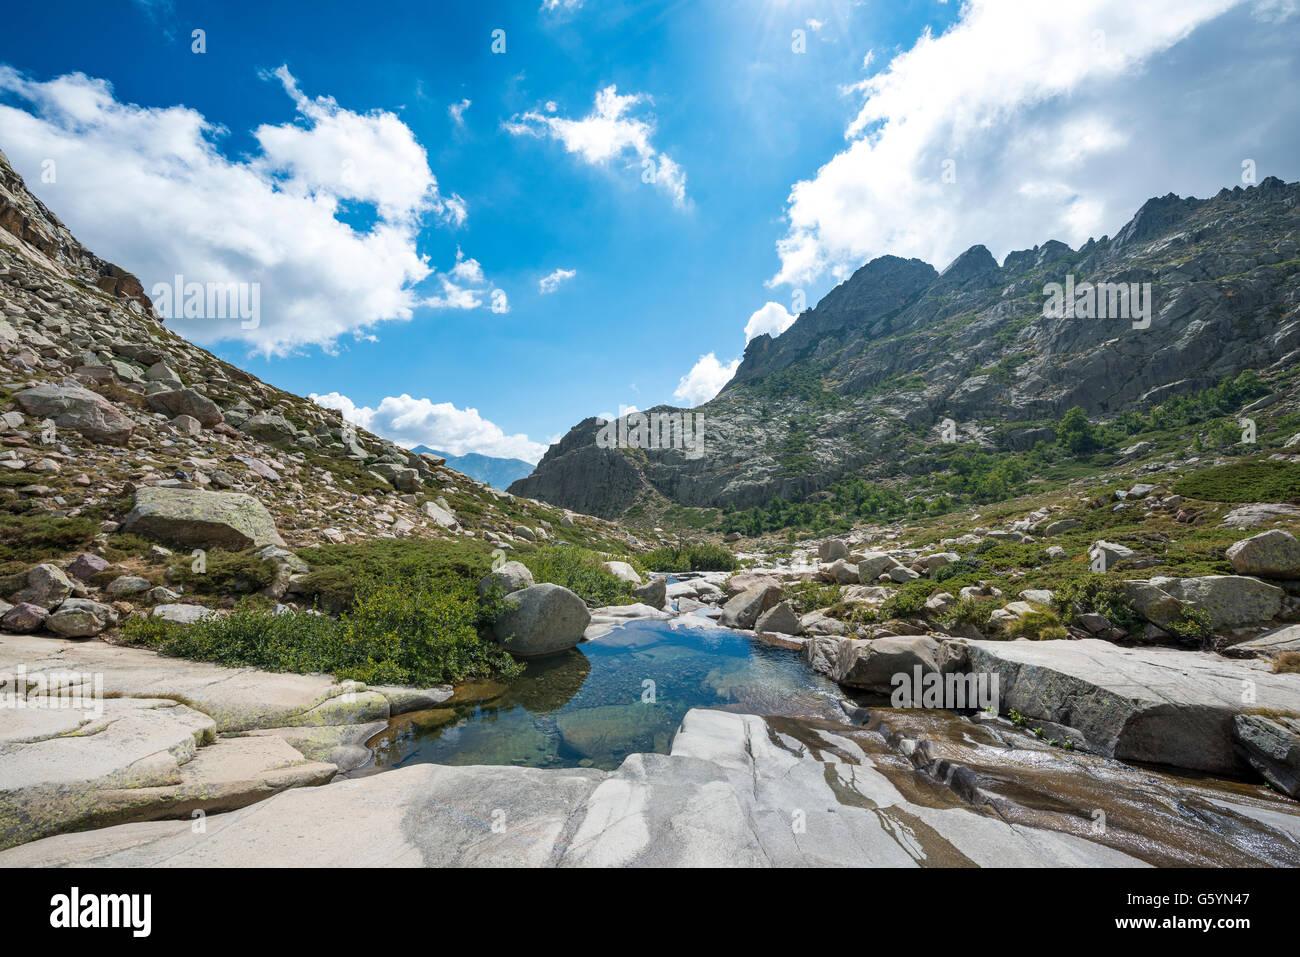 Piscine dans les montagnes, rivière Golo, Parc Naturel de la Corse, Parc naturel régional de Corse, Corse, France Banque D'Images